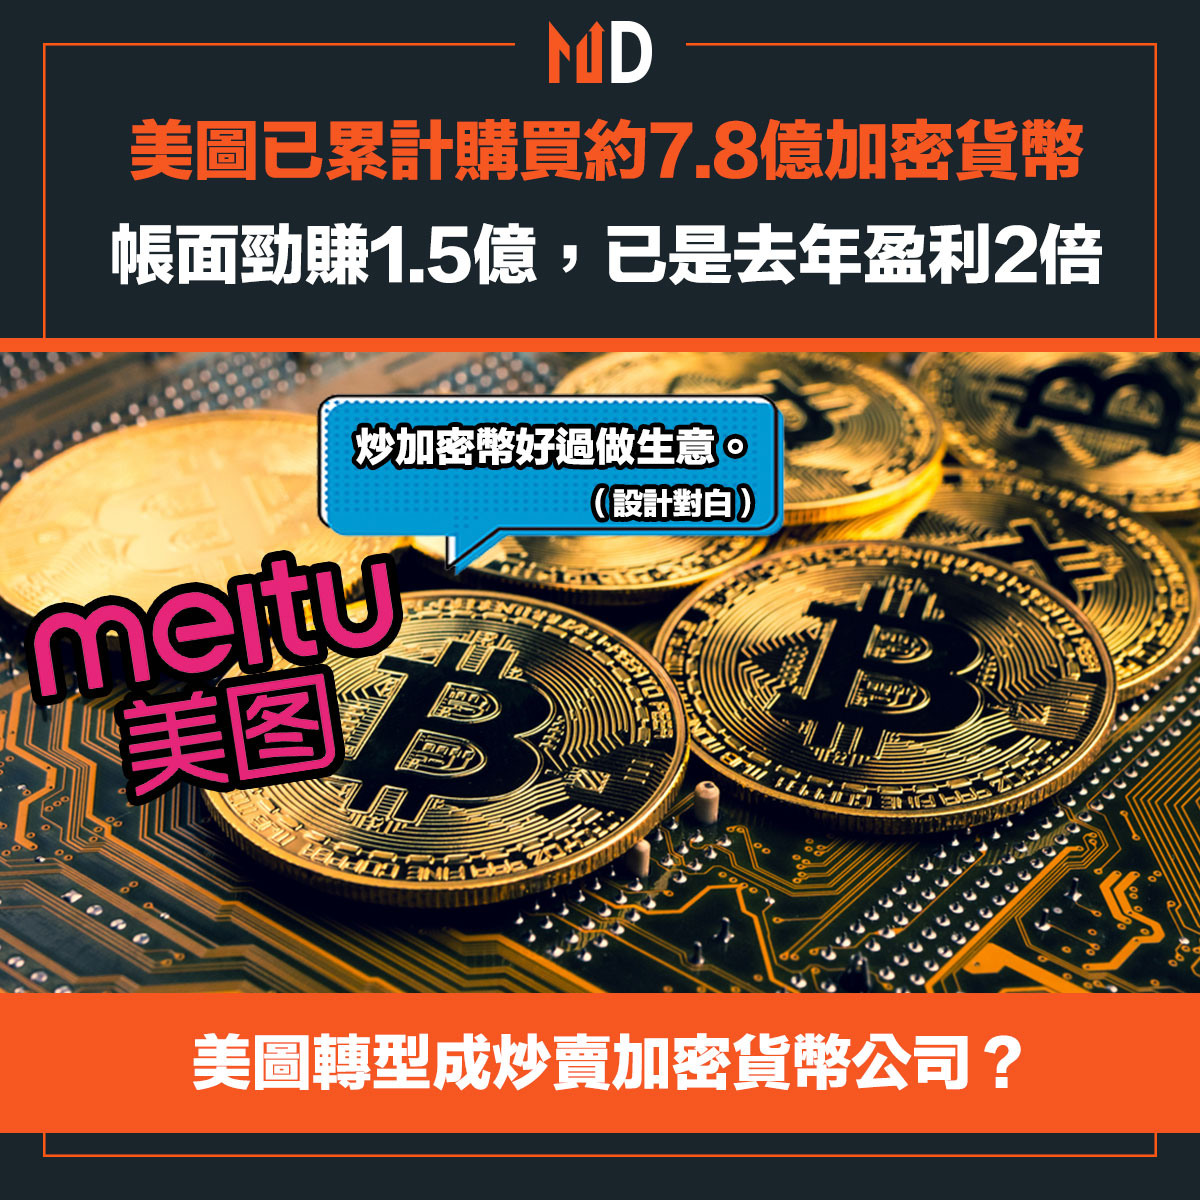 美圖已累計購買約7.8億加密貨幣